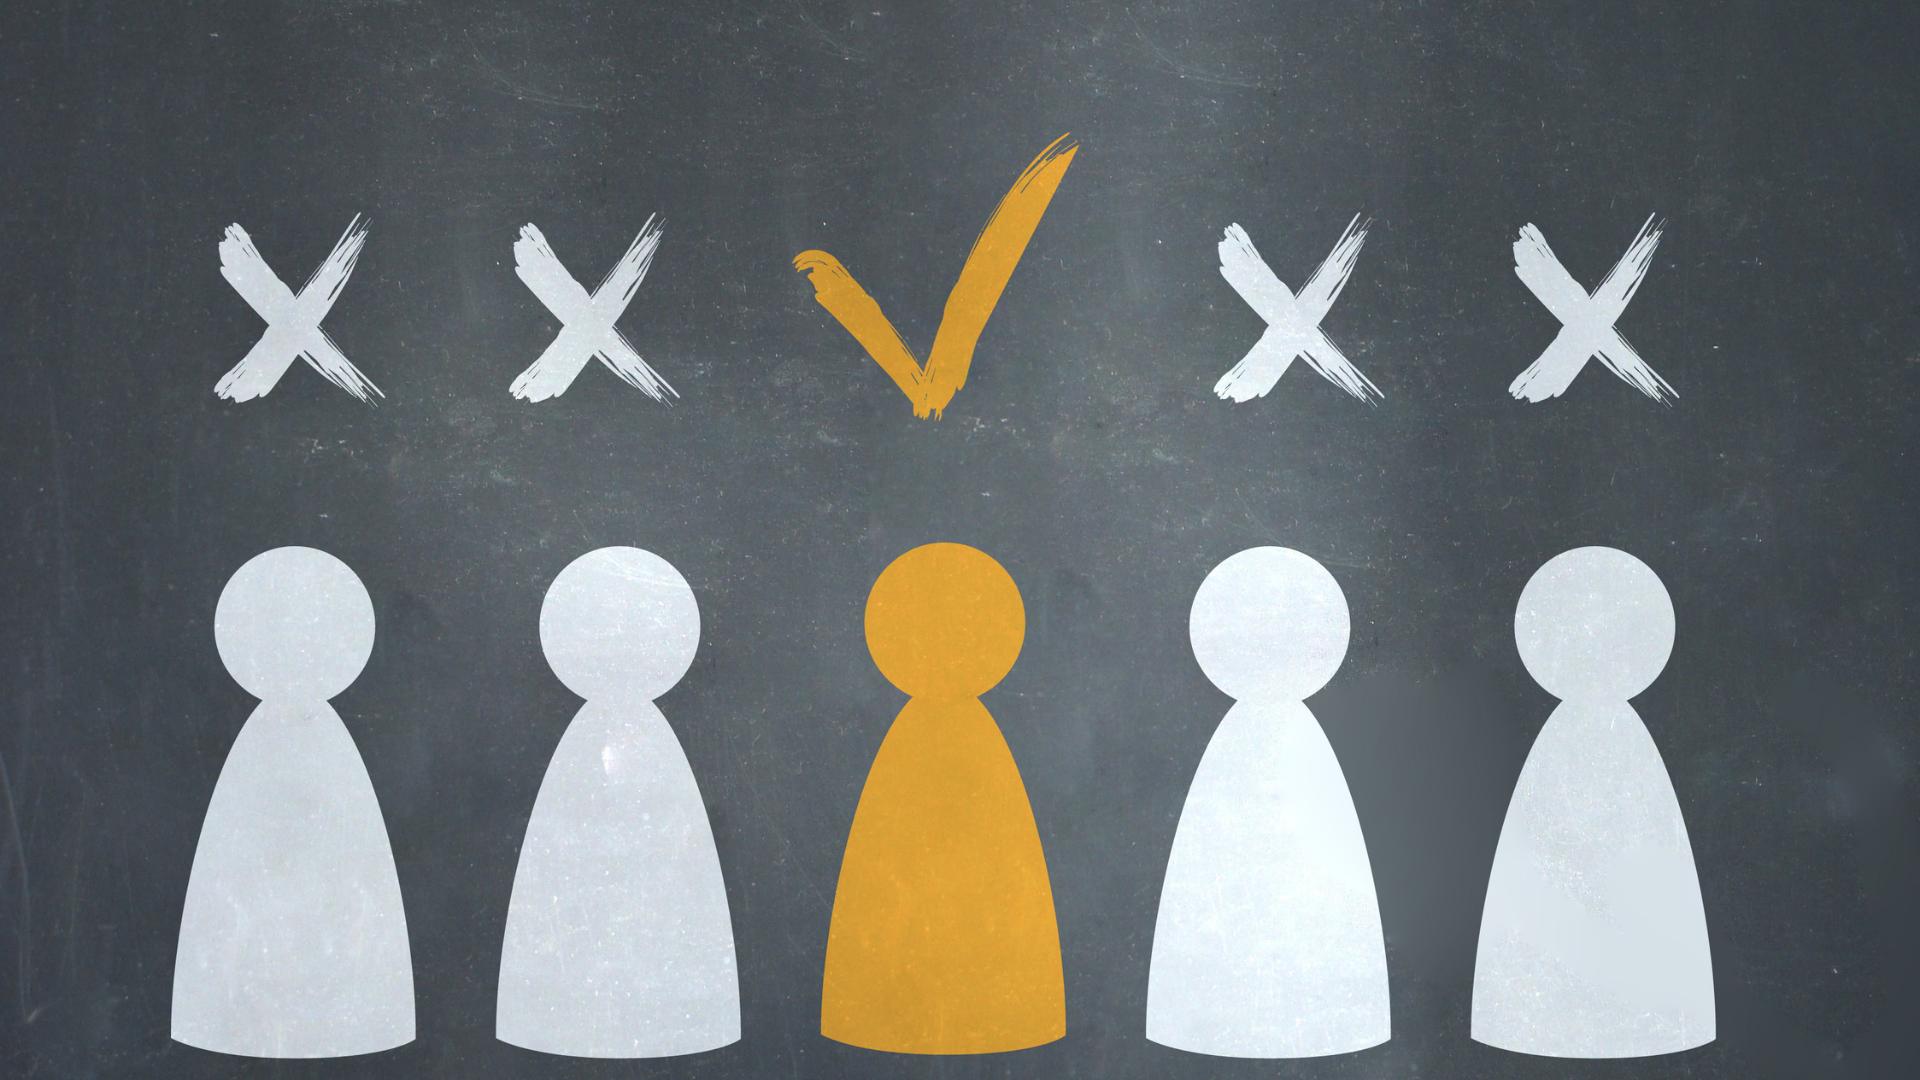 Investidor e Startup: quem escolhe quem?